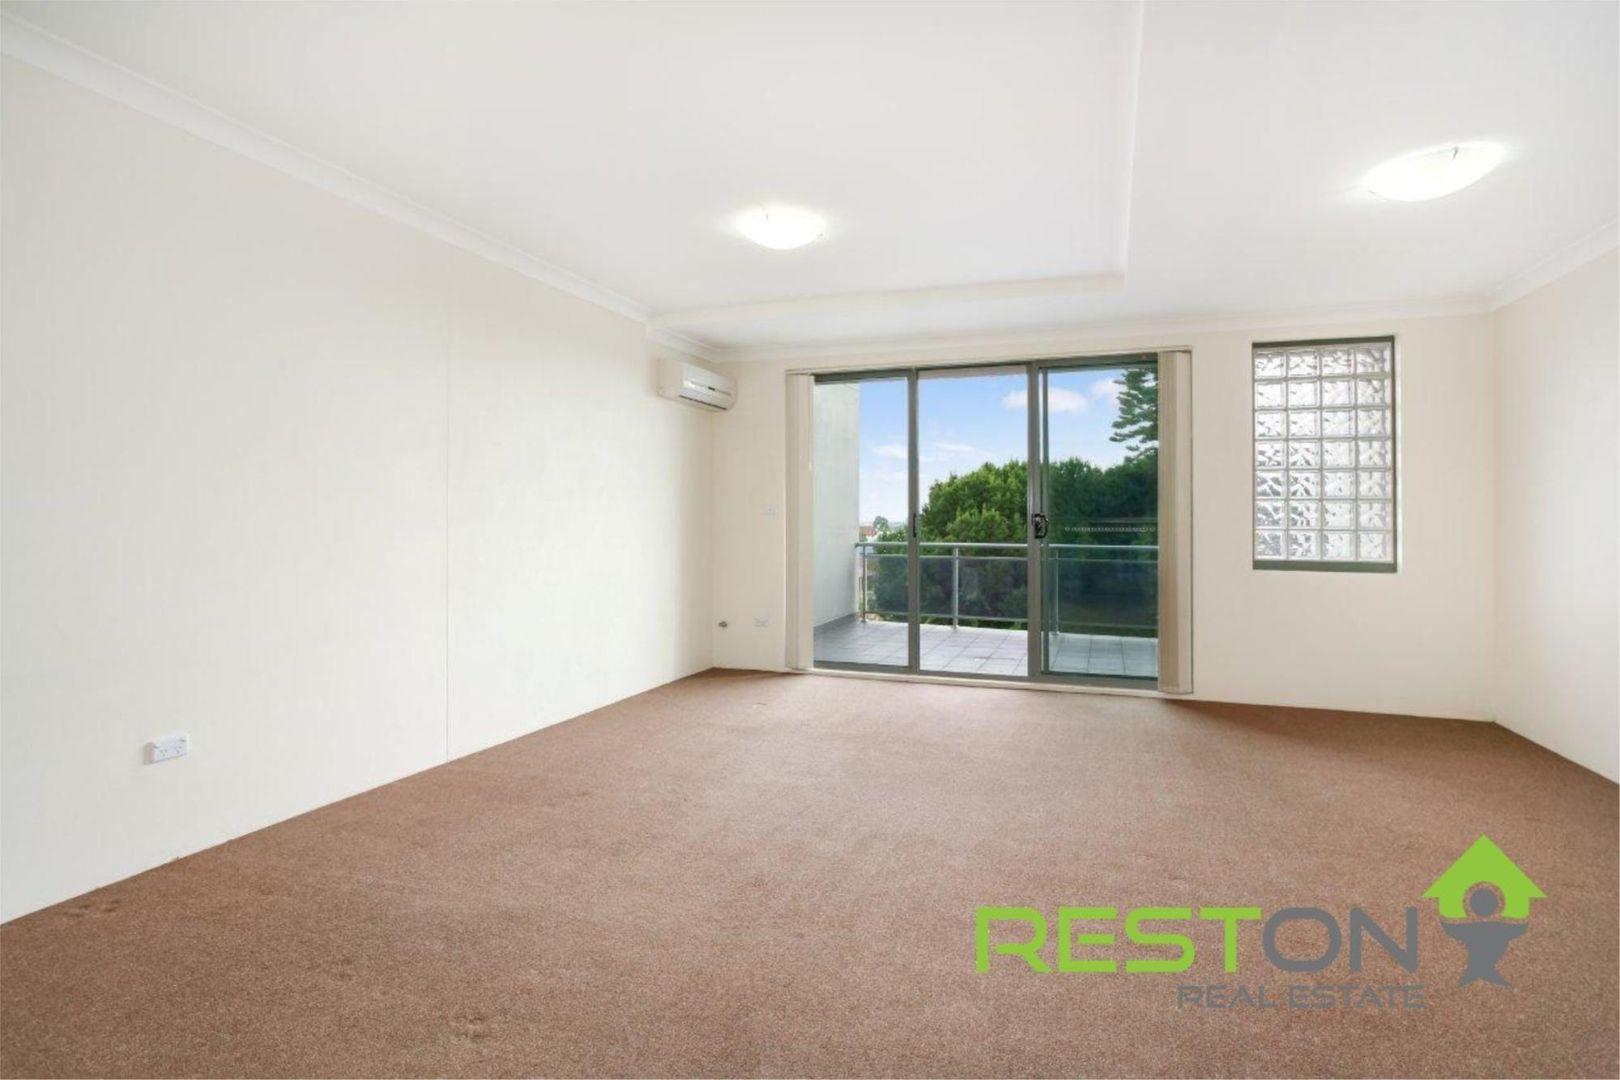 31/128-132 Woodville Road, Merrylands NSW 2160, Image 1